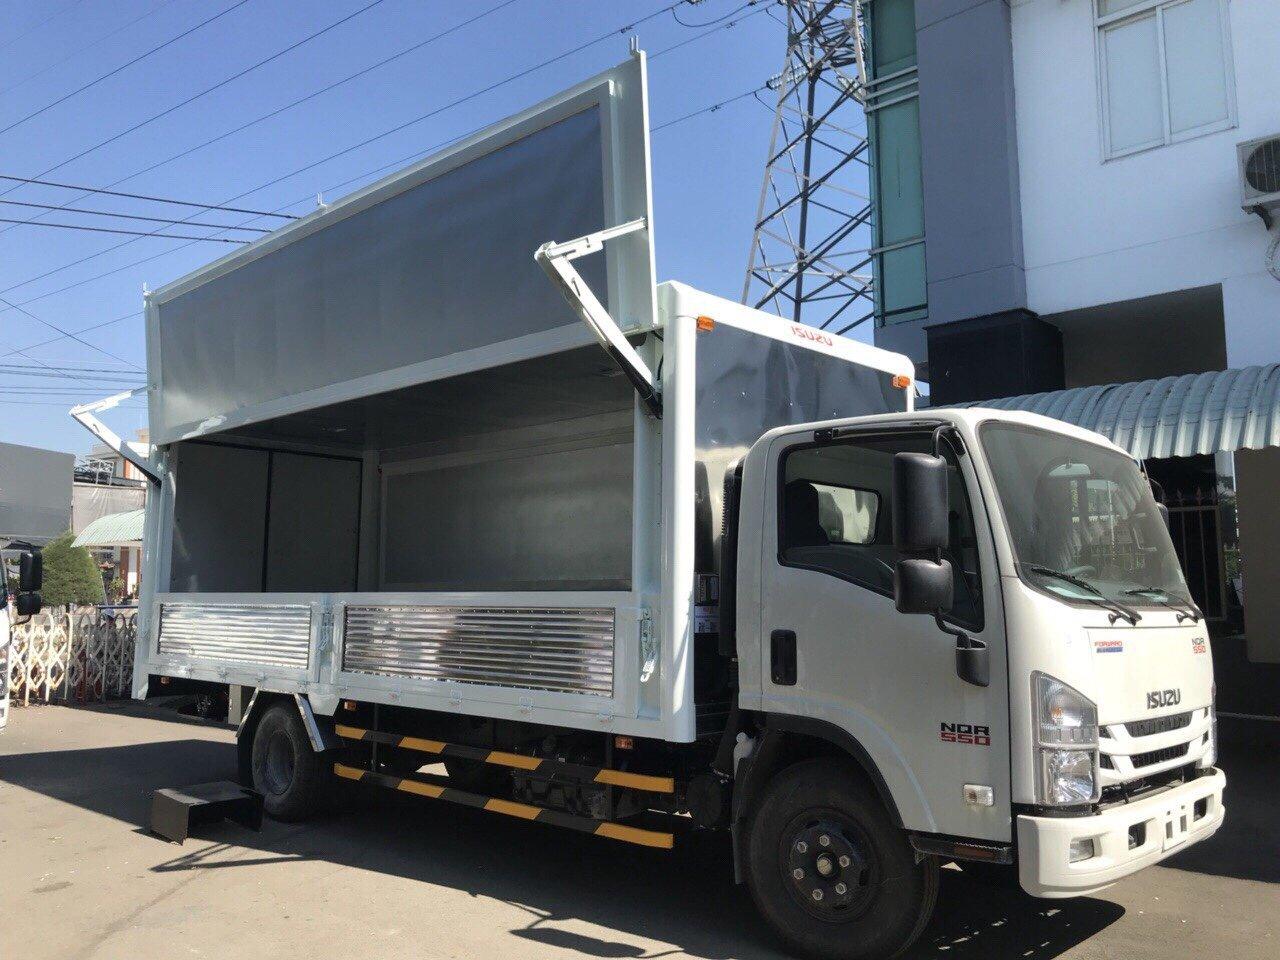 xe tải isuzu thùng kín, xe tải isuzu thùng lững, xe tải isuzu thùng mui bạt, xe tải isuzu thùng đông lạnh, xe tải isuzu thùng kín